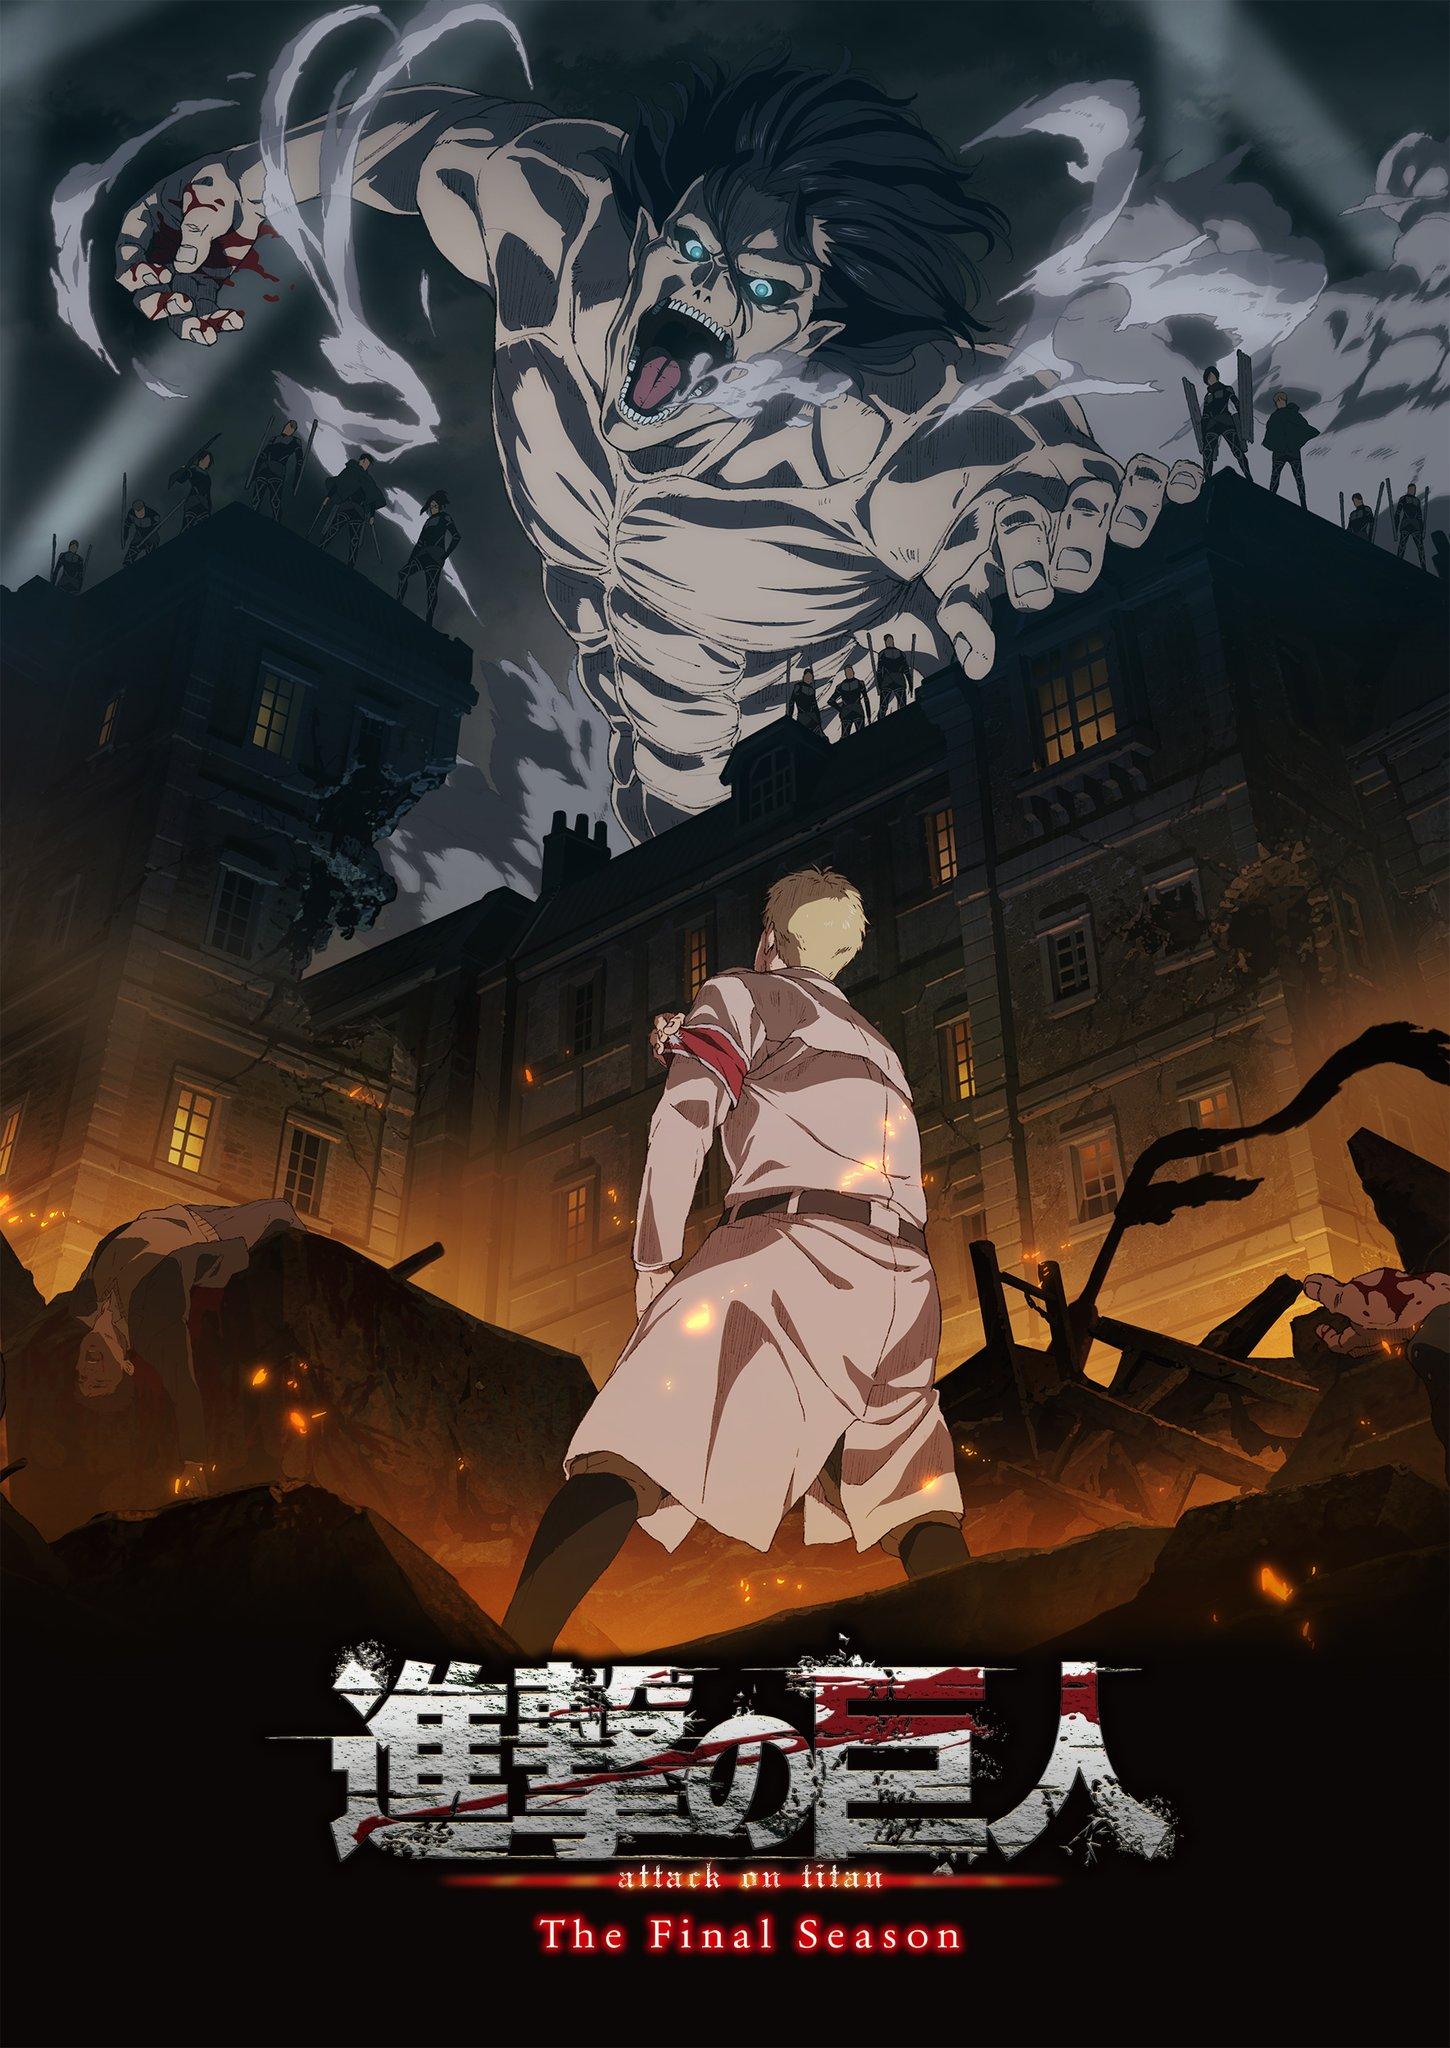 Shingeki no Kyojin: The last season